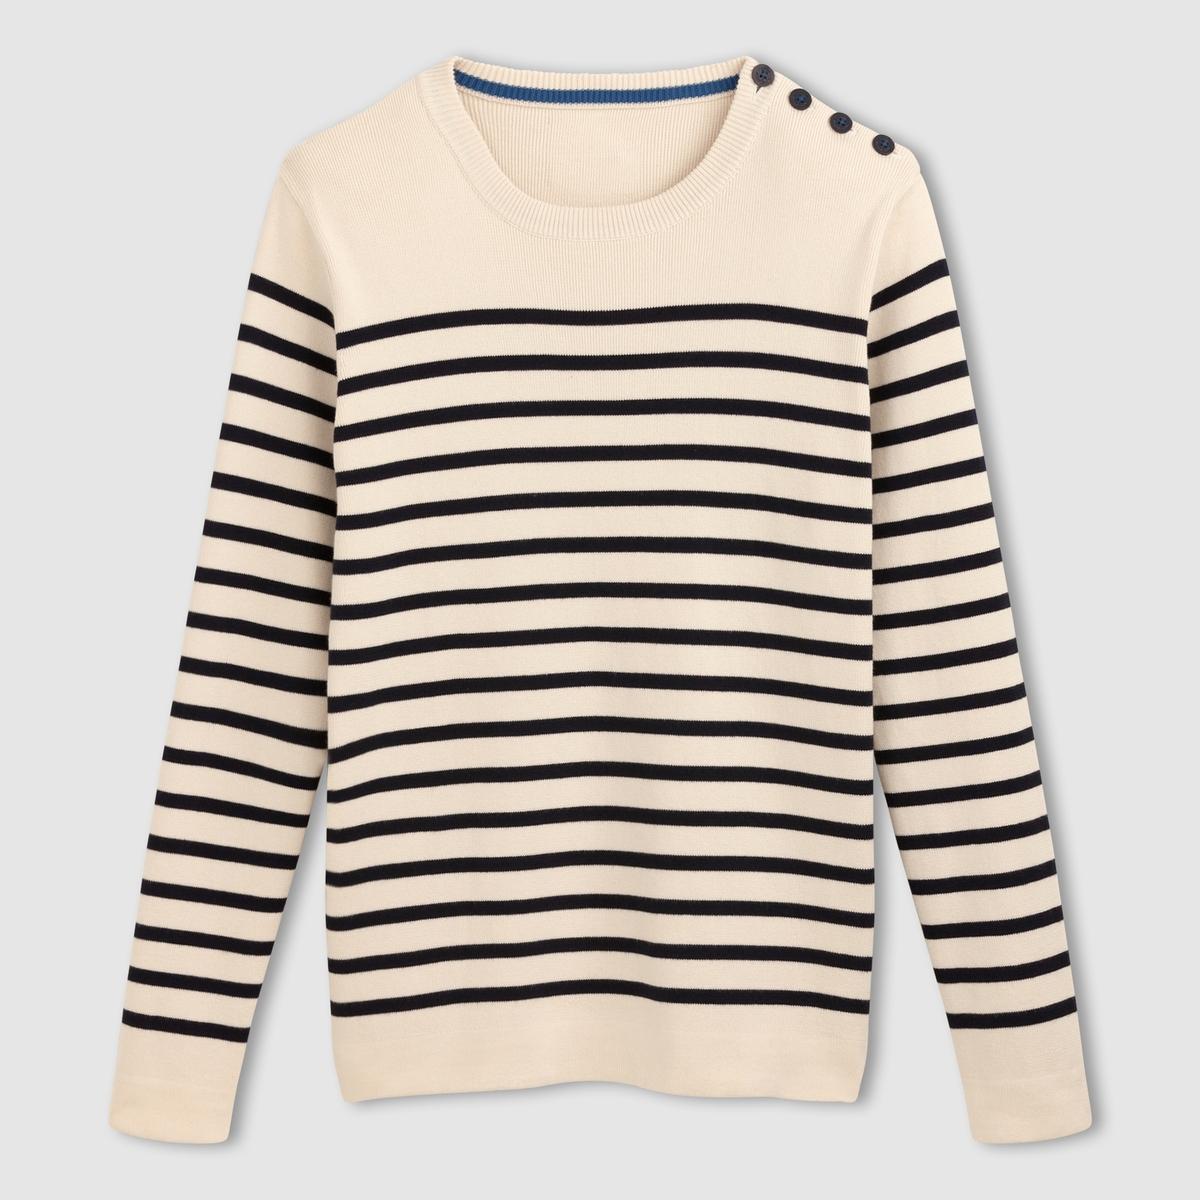 Пуловер в полоску 100% хлопка, с круглым вырезом и пуговицами на плечах от R essentiel